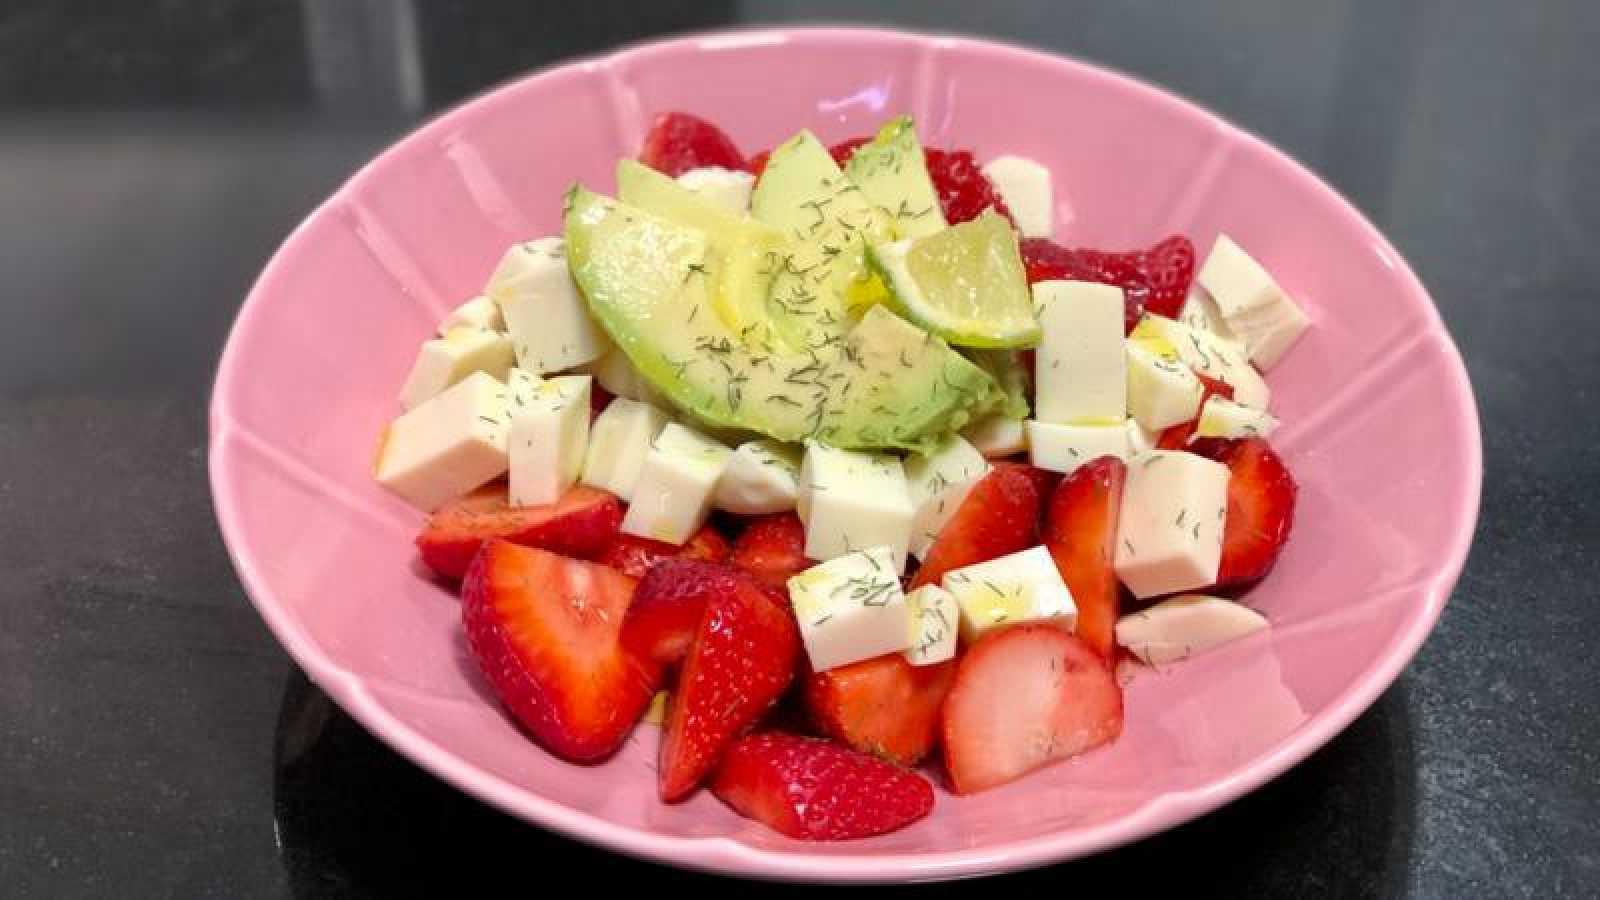 Ensalada de fresas, aguacate, mozzarella y eneldo